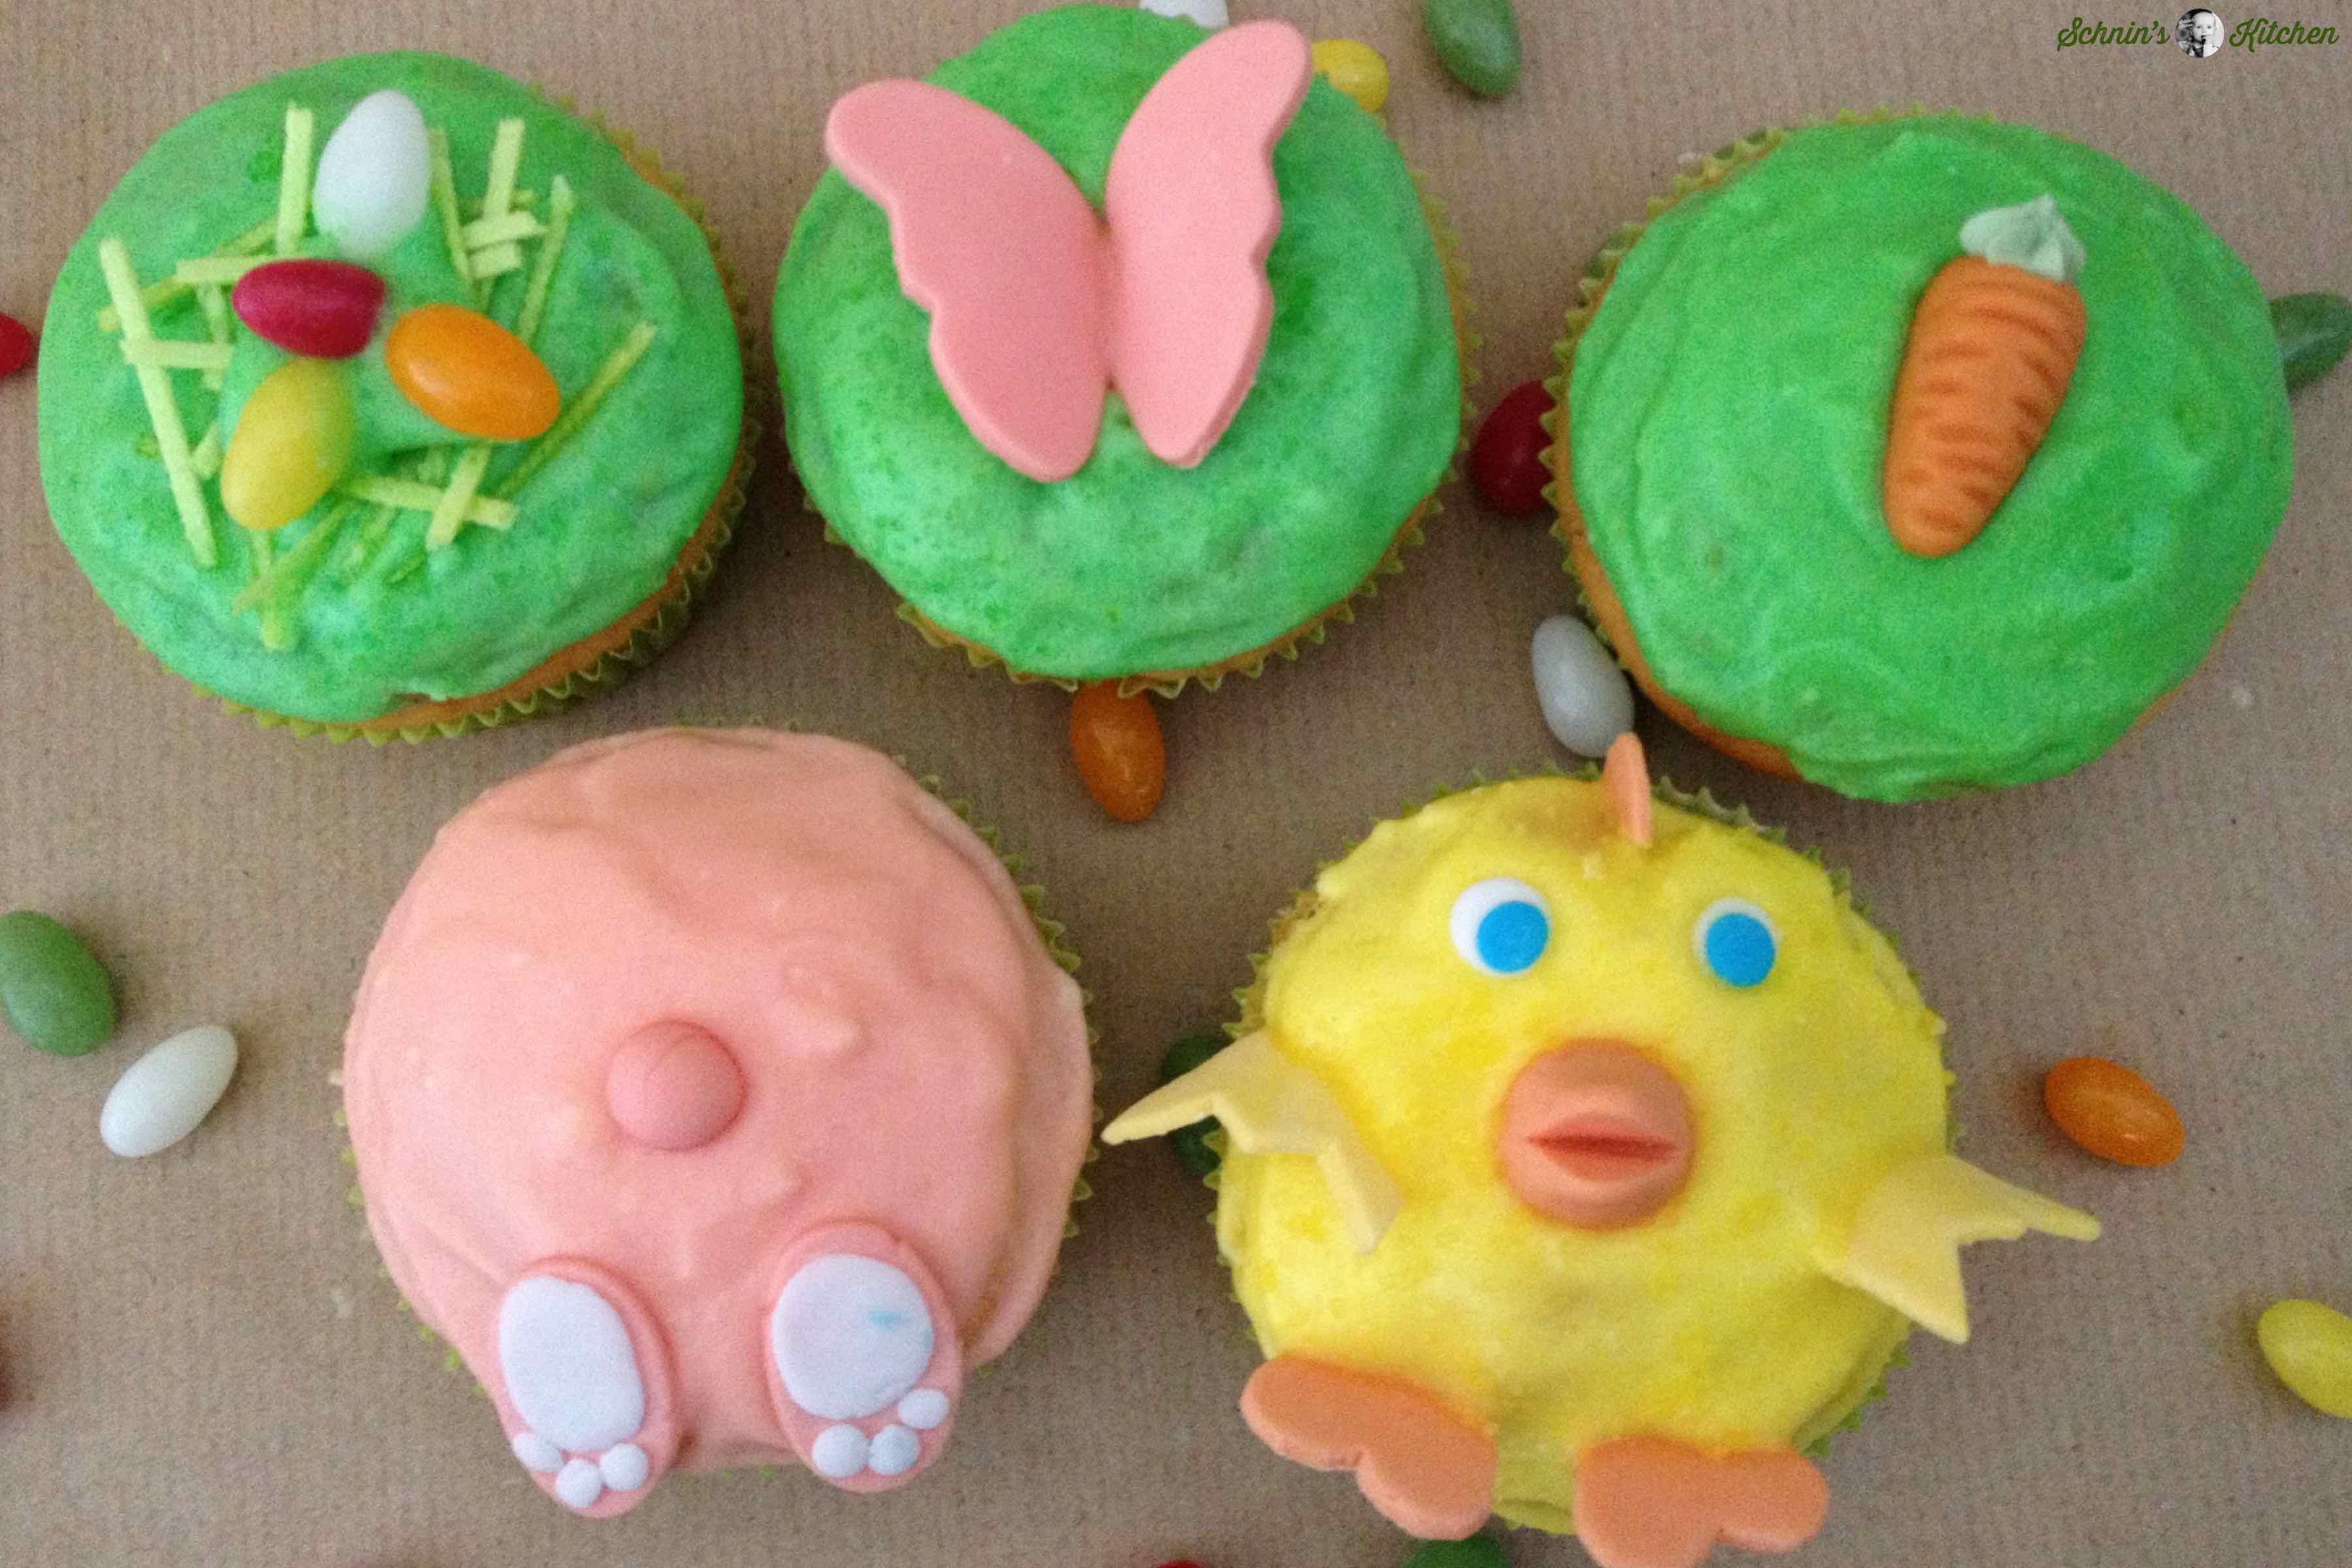 Kunterbunte Ostercupcakes | www.schninskitchen.de